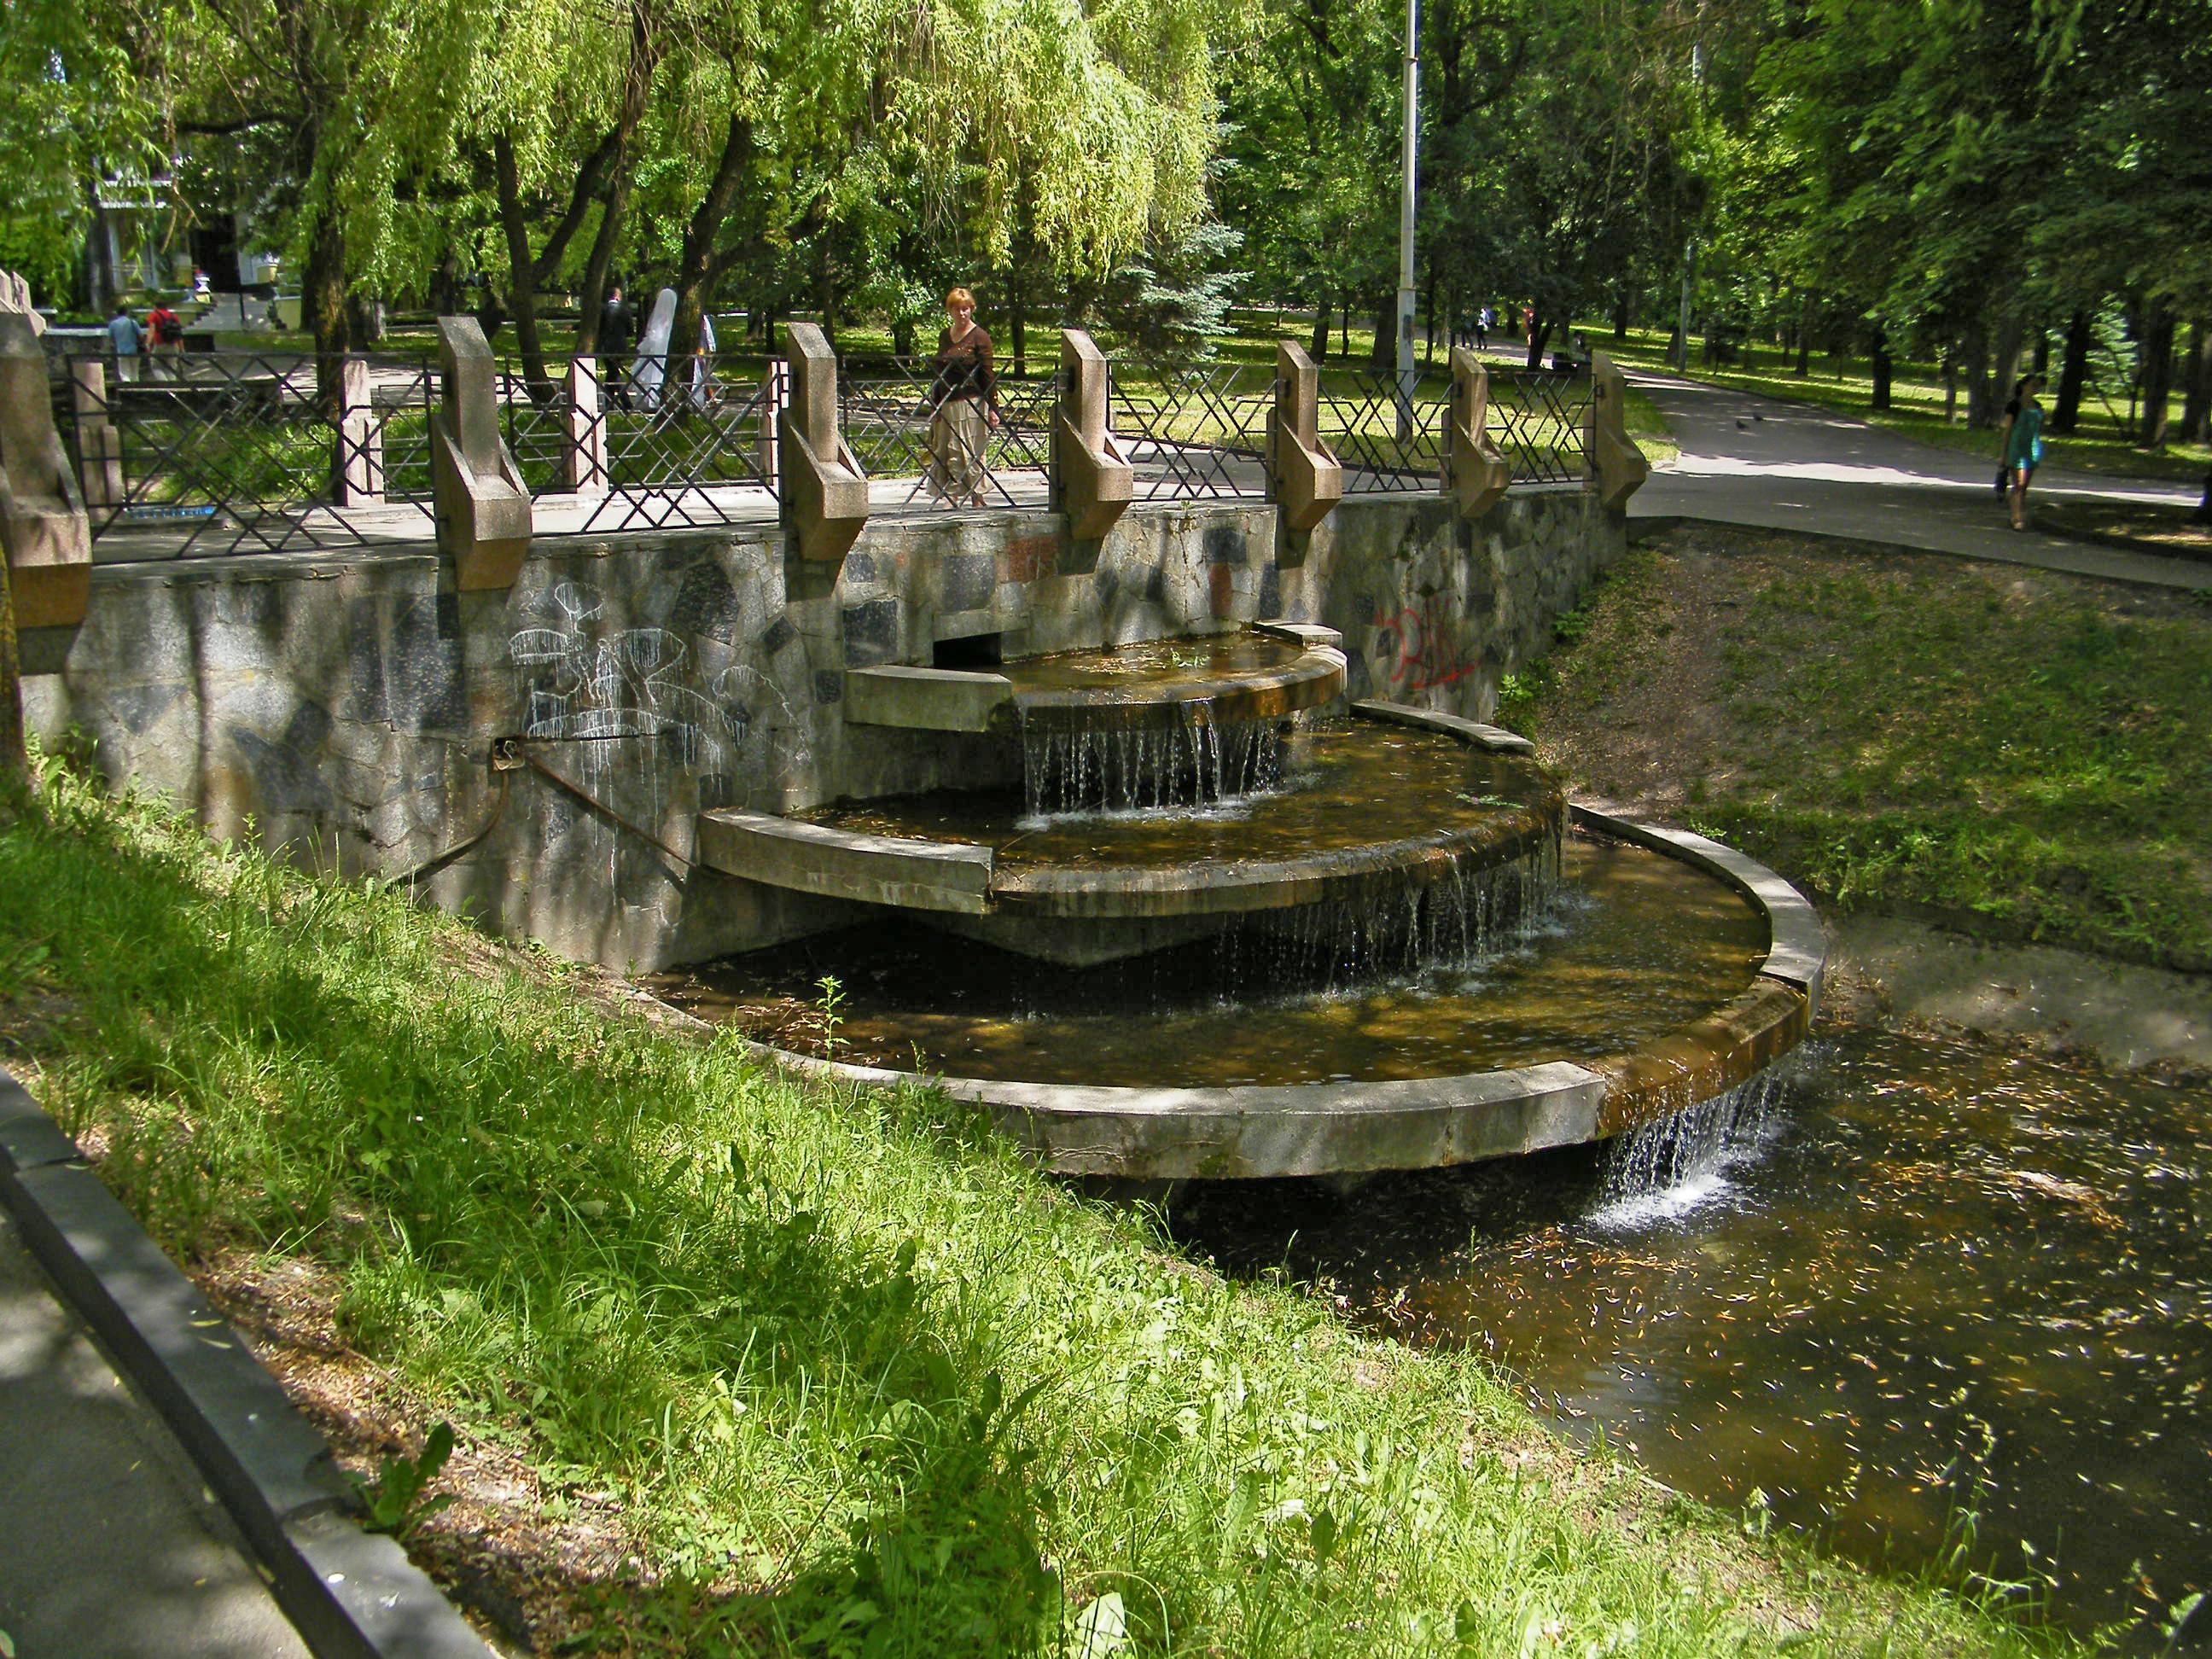 Файл:Ровно. Водный каскад в парке Шевченко..JPG — Вікіпедія